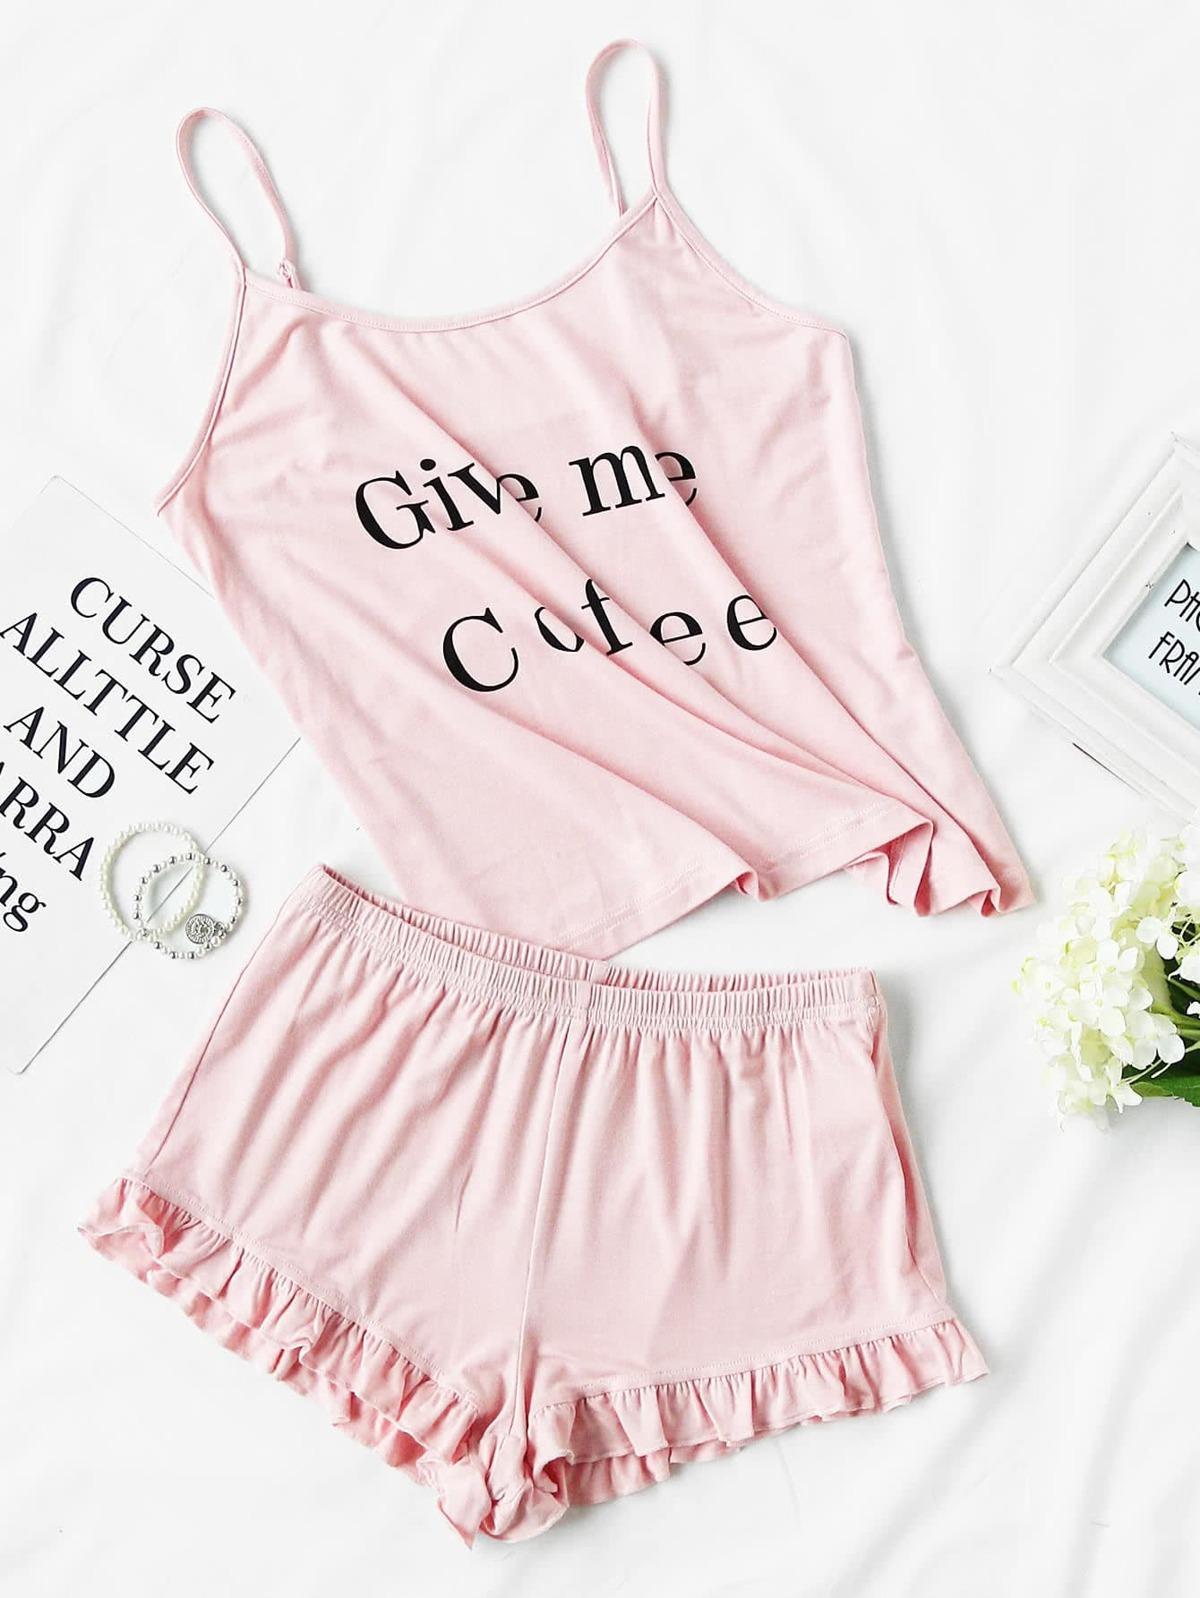 字母 圖片 無袖女用胸衣 荷葉邊 短褲 睡衣褲組